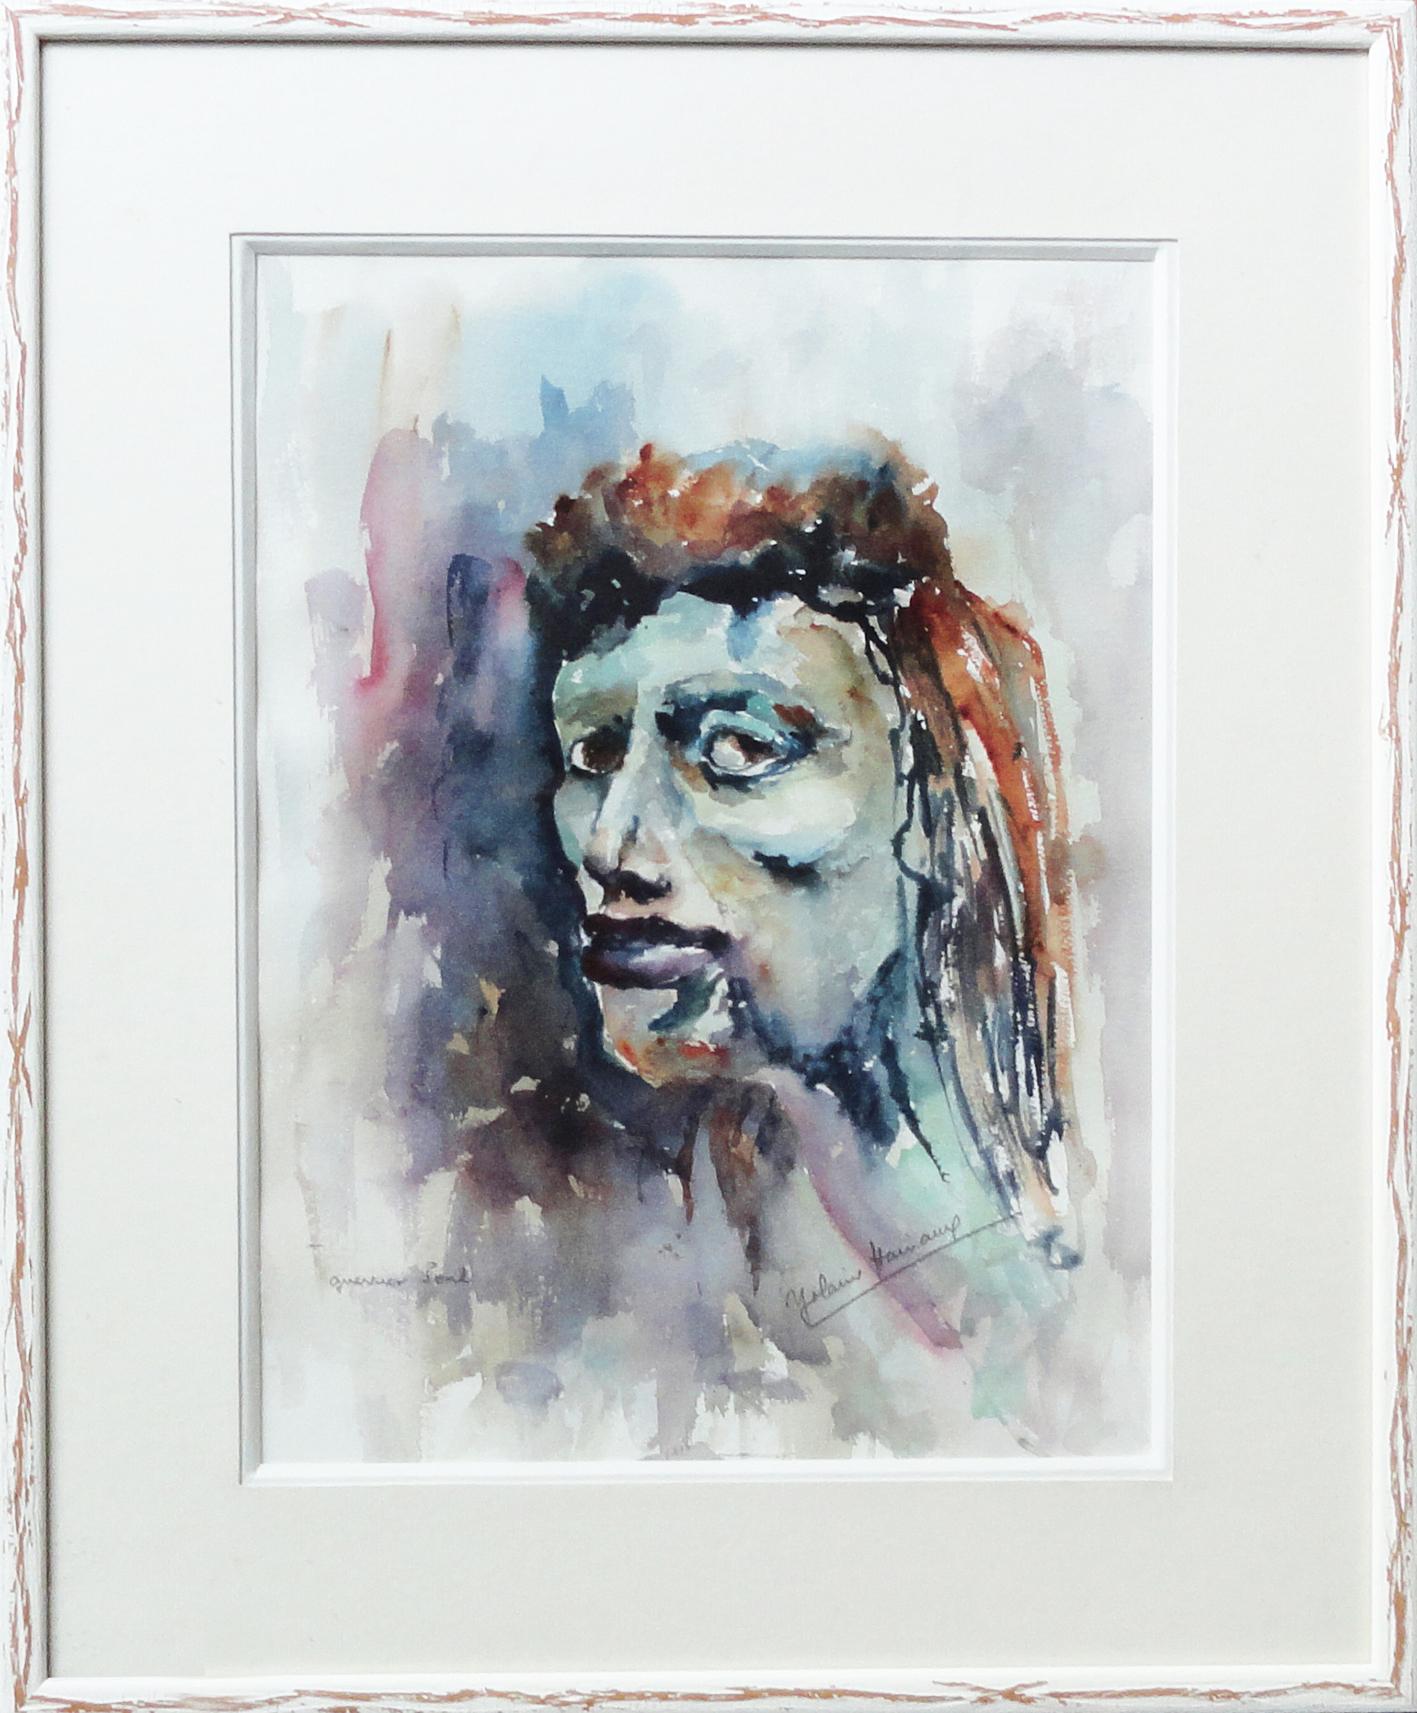 aquarelles_yolaine_hainaux_paint (29)